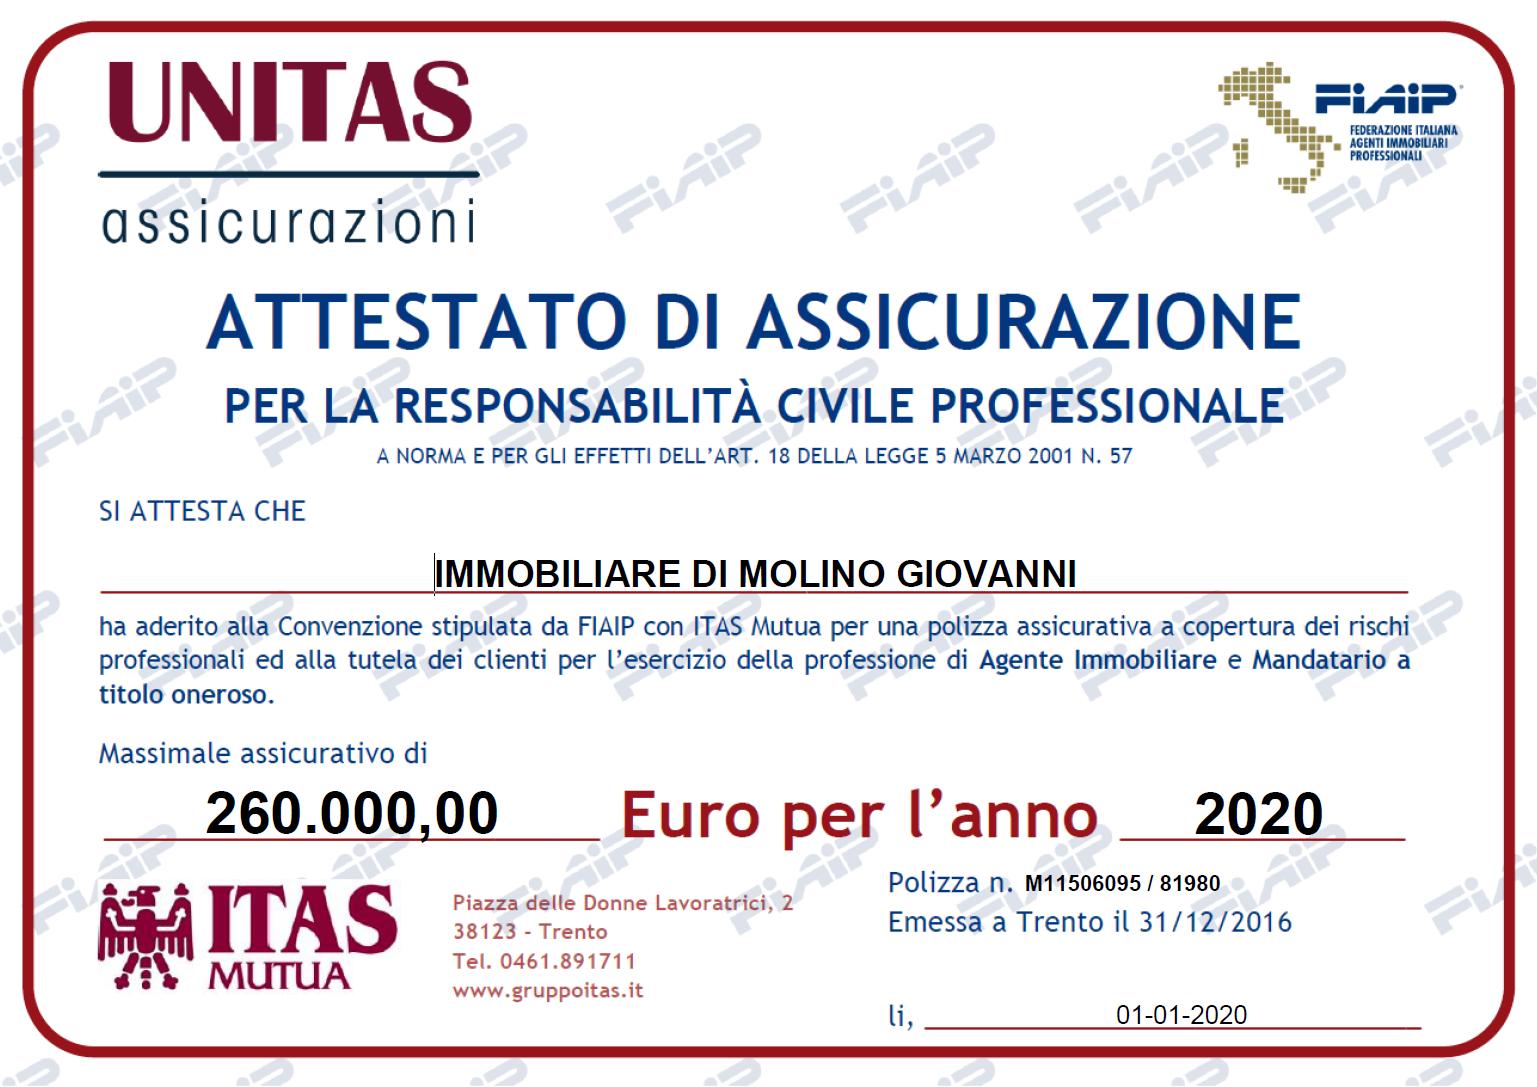 Agenti Immobiliari Trento assicurazione professionale - immobiliare di molino giovanni